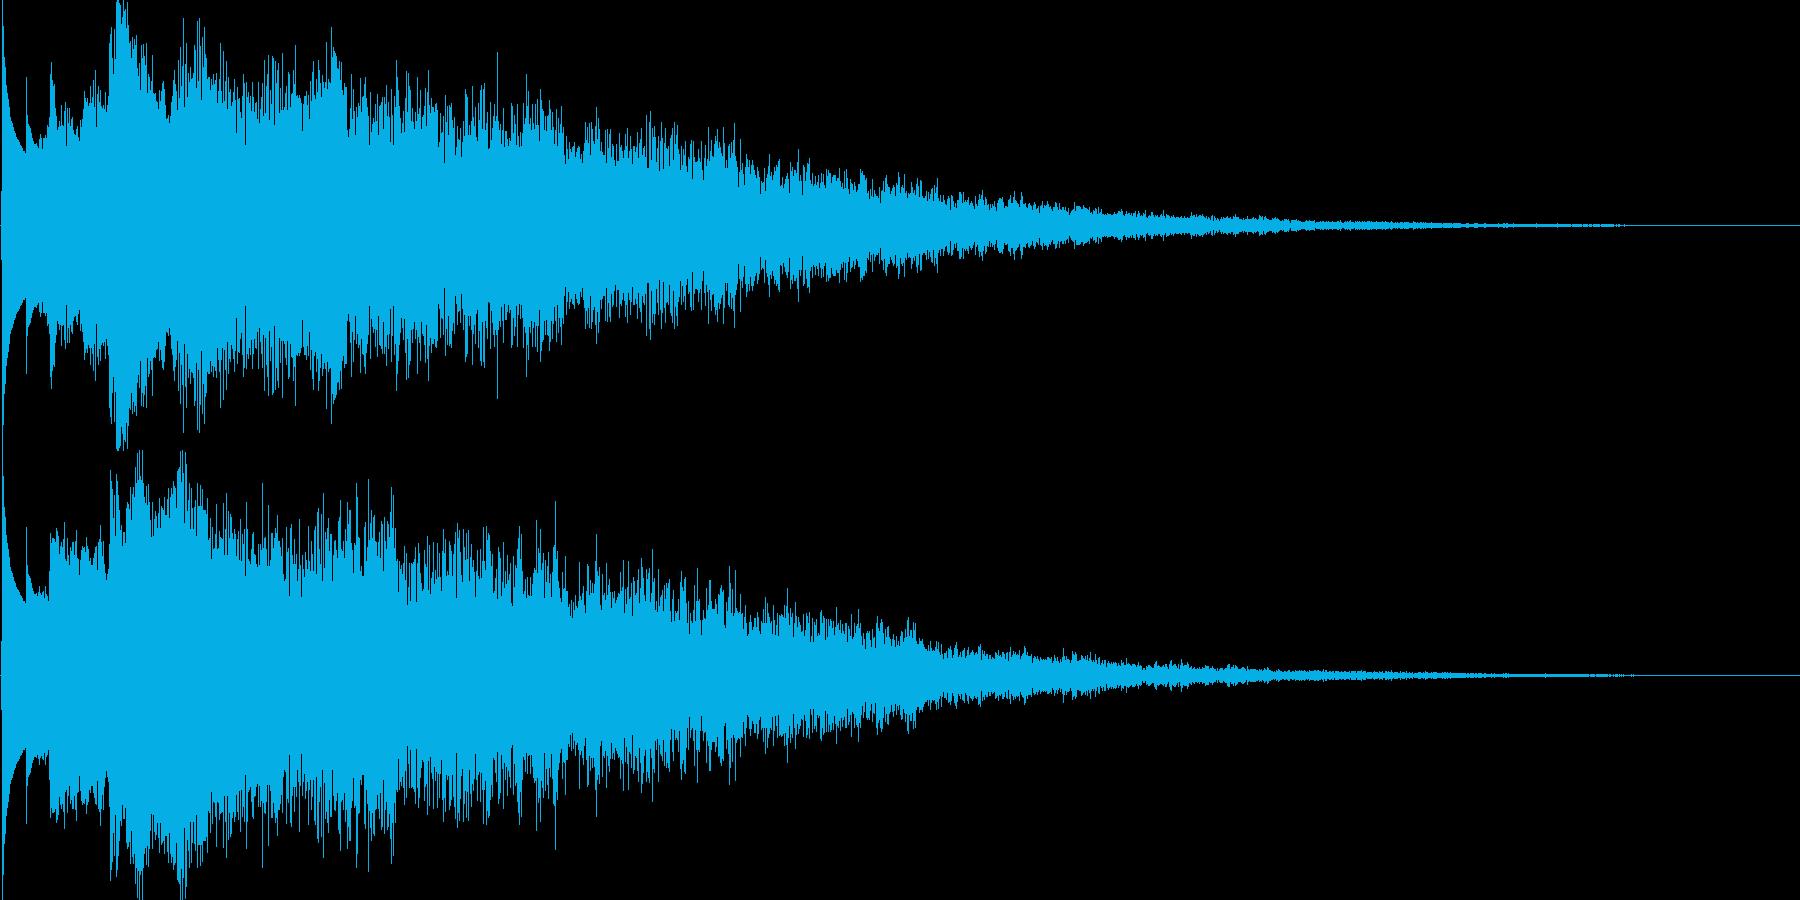 キラーン(ゲーム、アプリ等の決定音等に)の再生済みの波形